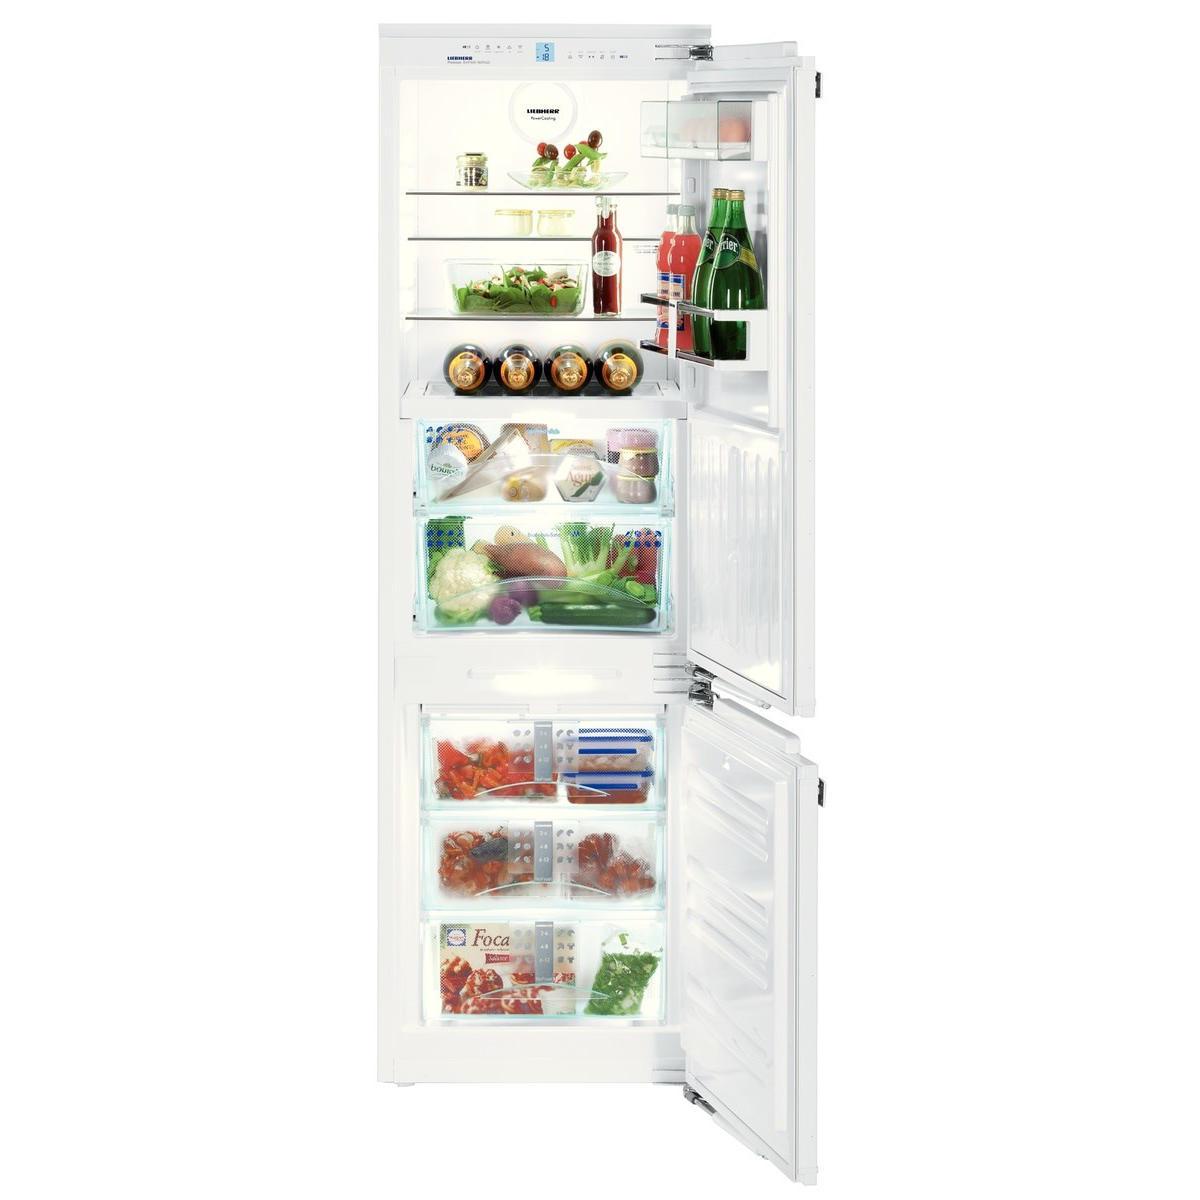 Liebherr ICBN 3356 Premium Built In Biofresh Fridge Freezer